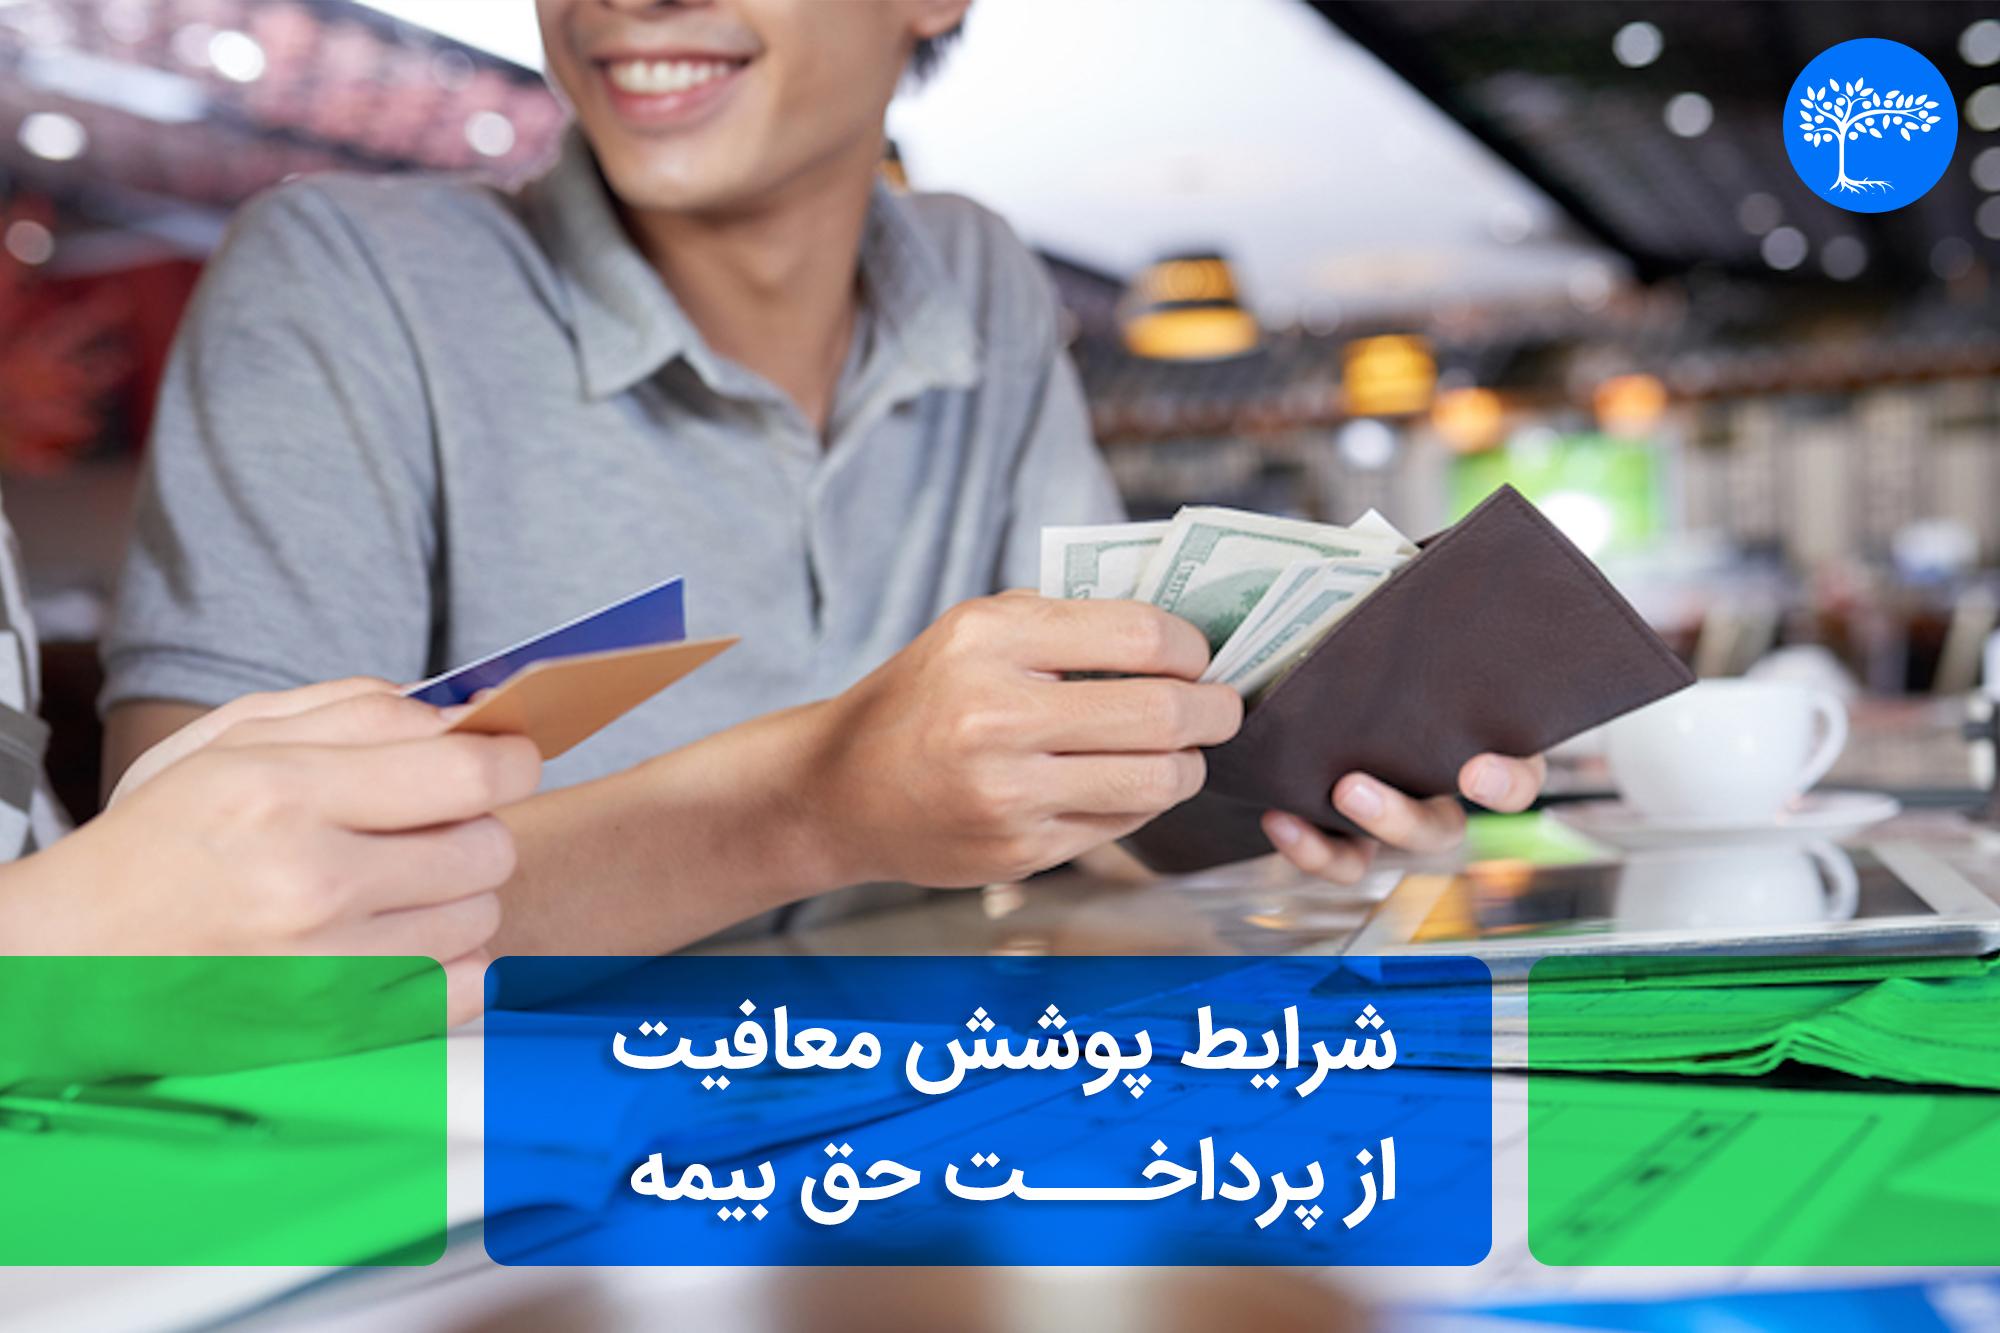 شرایط معافیت از پرداخت حق بیمه عمر